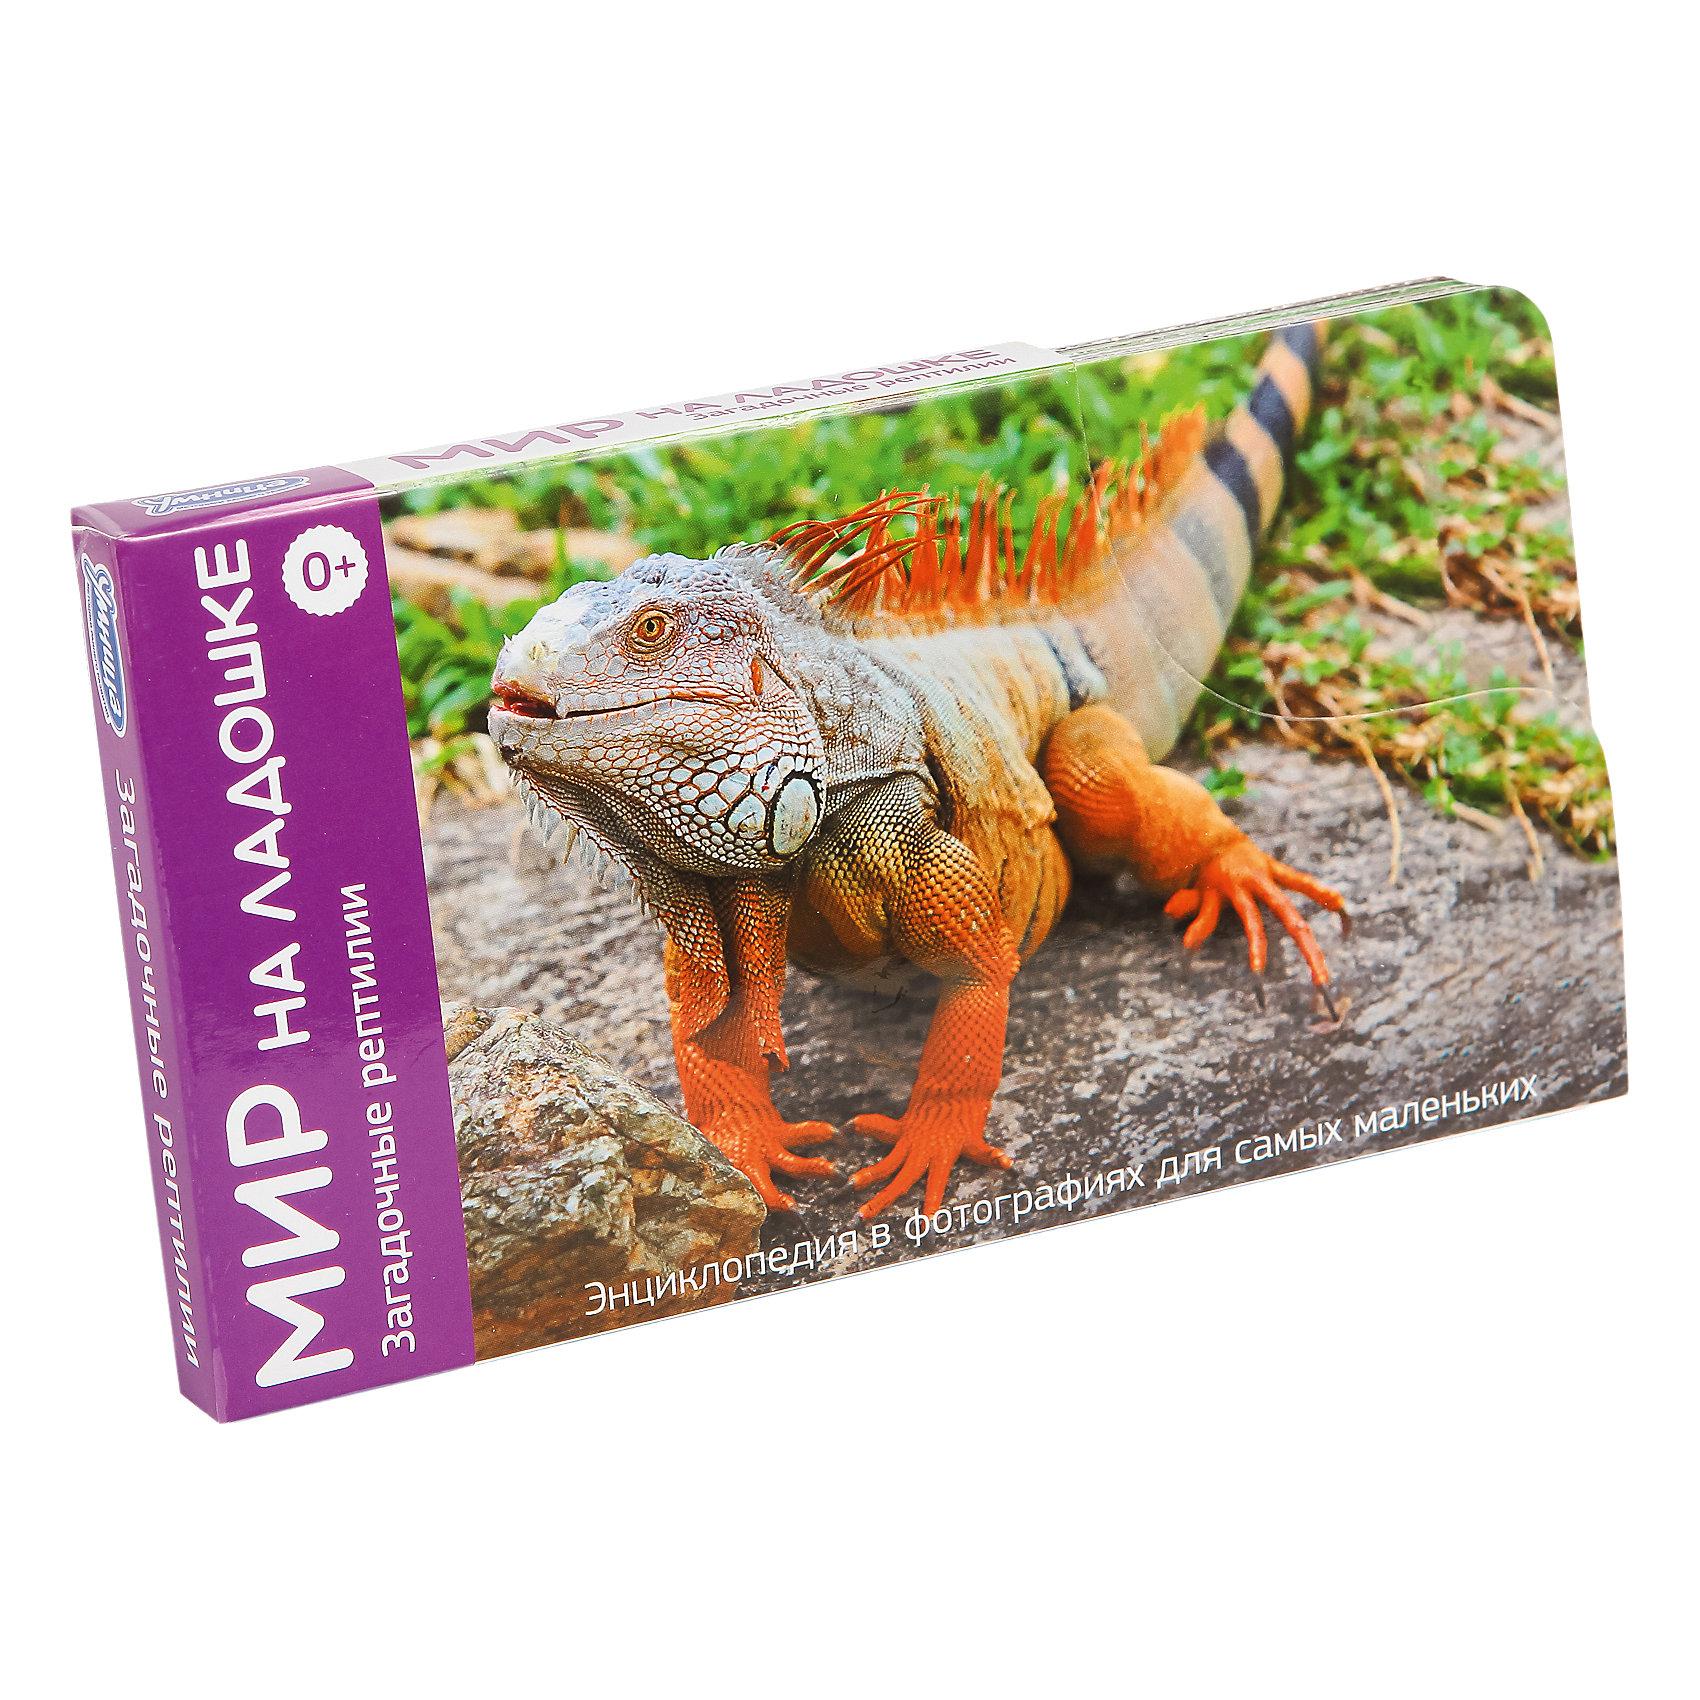 Мир на ладошке Загадочные рептилии (выпуск 5)Методики раннего развития<br>Характеристики:<br><br>• Вид игр: обучающие, развивающие<br>• Серия: Развивающие карточки<br>• Материал: картон<br>• Комплектация: 24 двухсторонние карточки<br>• Размеры карточек (В*Ш): 18*10 см<br>• Тип упаковки: картонная коробка<br>• Размеры упаковки (Д*Ш*В): 10*18*15 см<br>• Вес в упаковке: 190 г<br><br>Энциклопедия Мир на ладошке: Загадочные рептилии, Часть 5.5 состоит из 24 двухсторонних карточек с изображением рептилий в естественной среде обитания. С обратной стороны на карточках имеется общая информация о них. Карточки имеют яркий дизайн и представляют собой фотографии рептилий, выполненных в естественной среде обитания. <br><br>Энциклопедию Мир на ладошке: Загадочные рептилии, Часть 5.5 можно купить в нашем интернет-магазине.<br><br>Ширина мм: 100<br>Глубина мм: 180<br>Высота мм: 150<br>Вес г: 190<br>Возраст от месяцев: 36<br>Возраст до месяцев: 2147483647<br>Пол: Унисекс<br>Возраст: Детский<br>SKU: 5523171